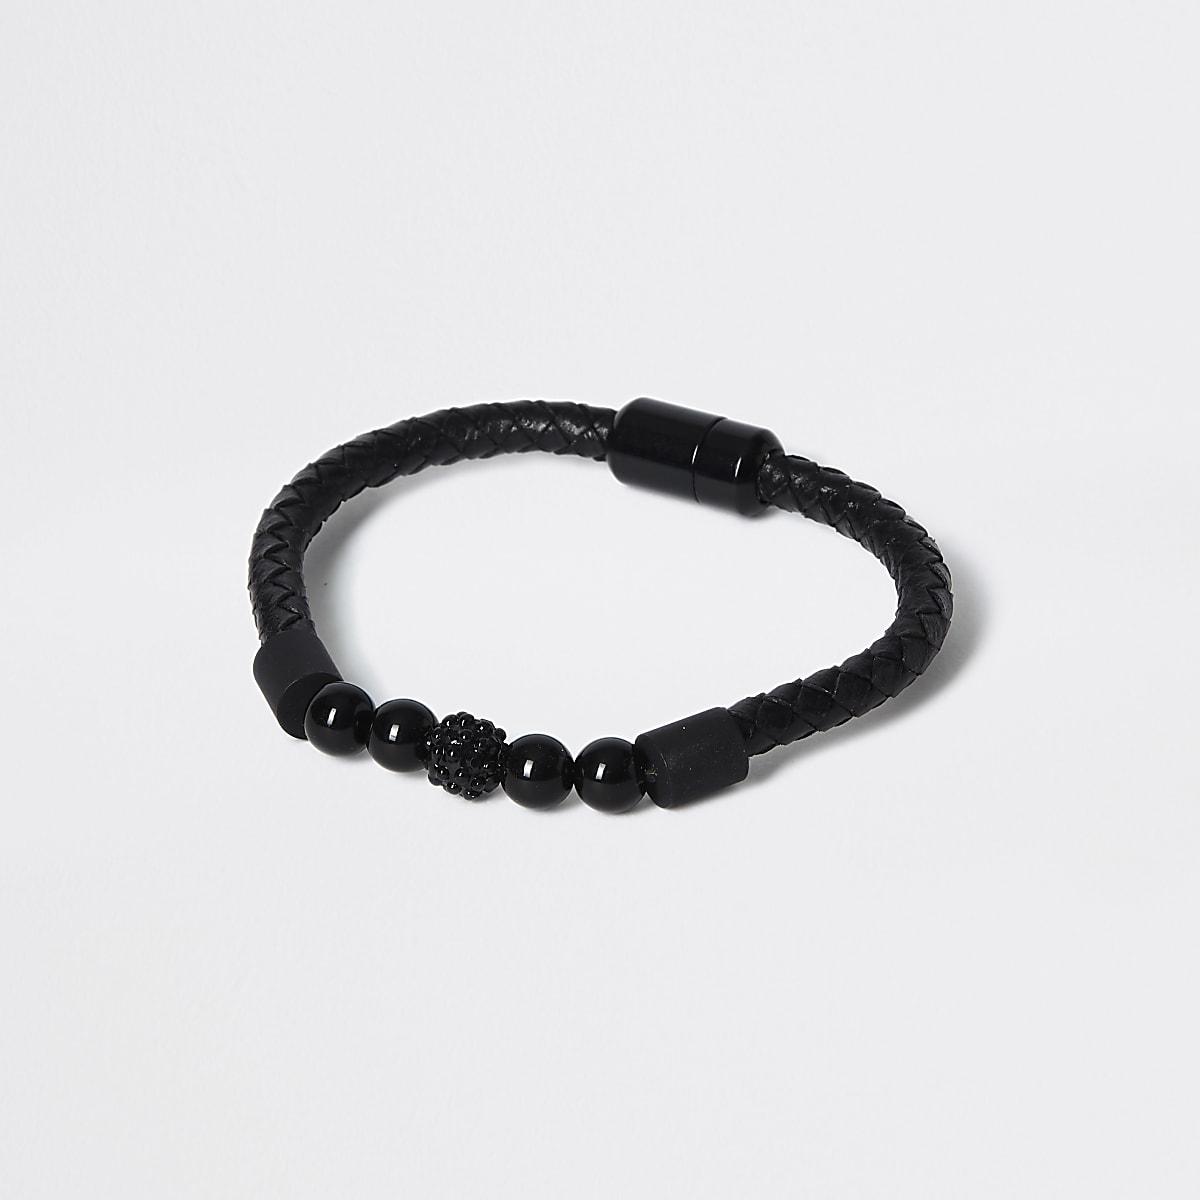 Black beaded wristband bracelet